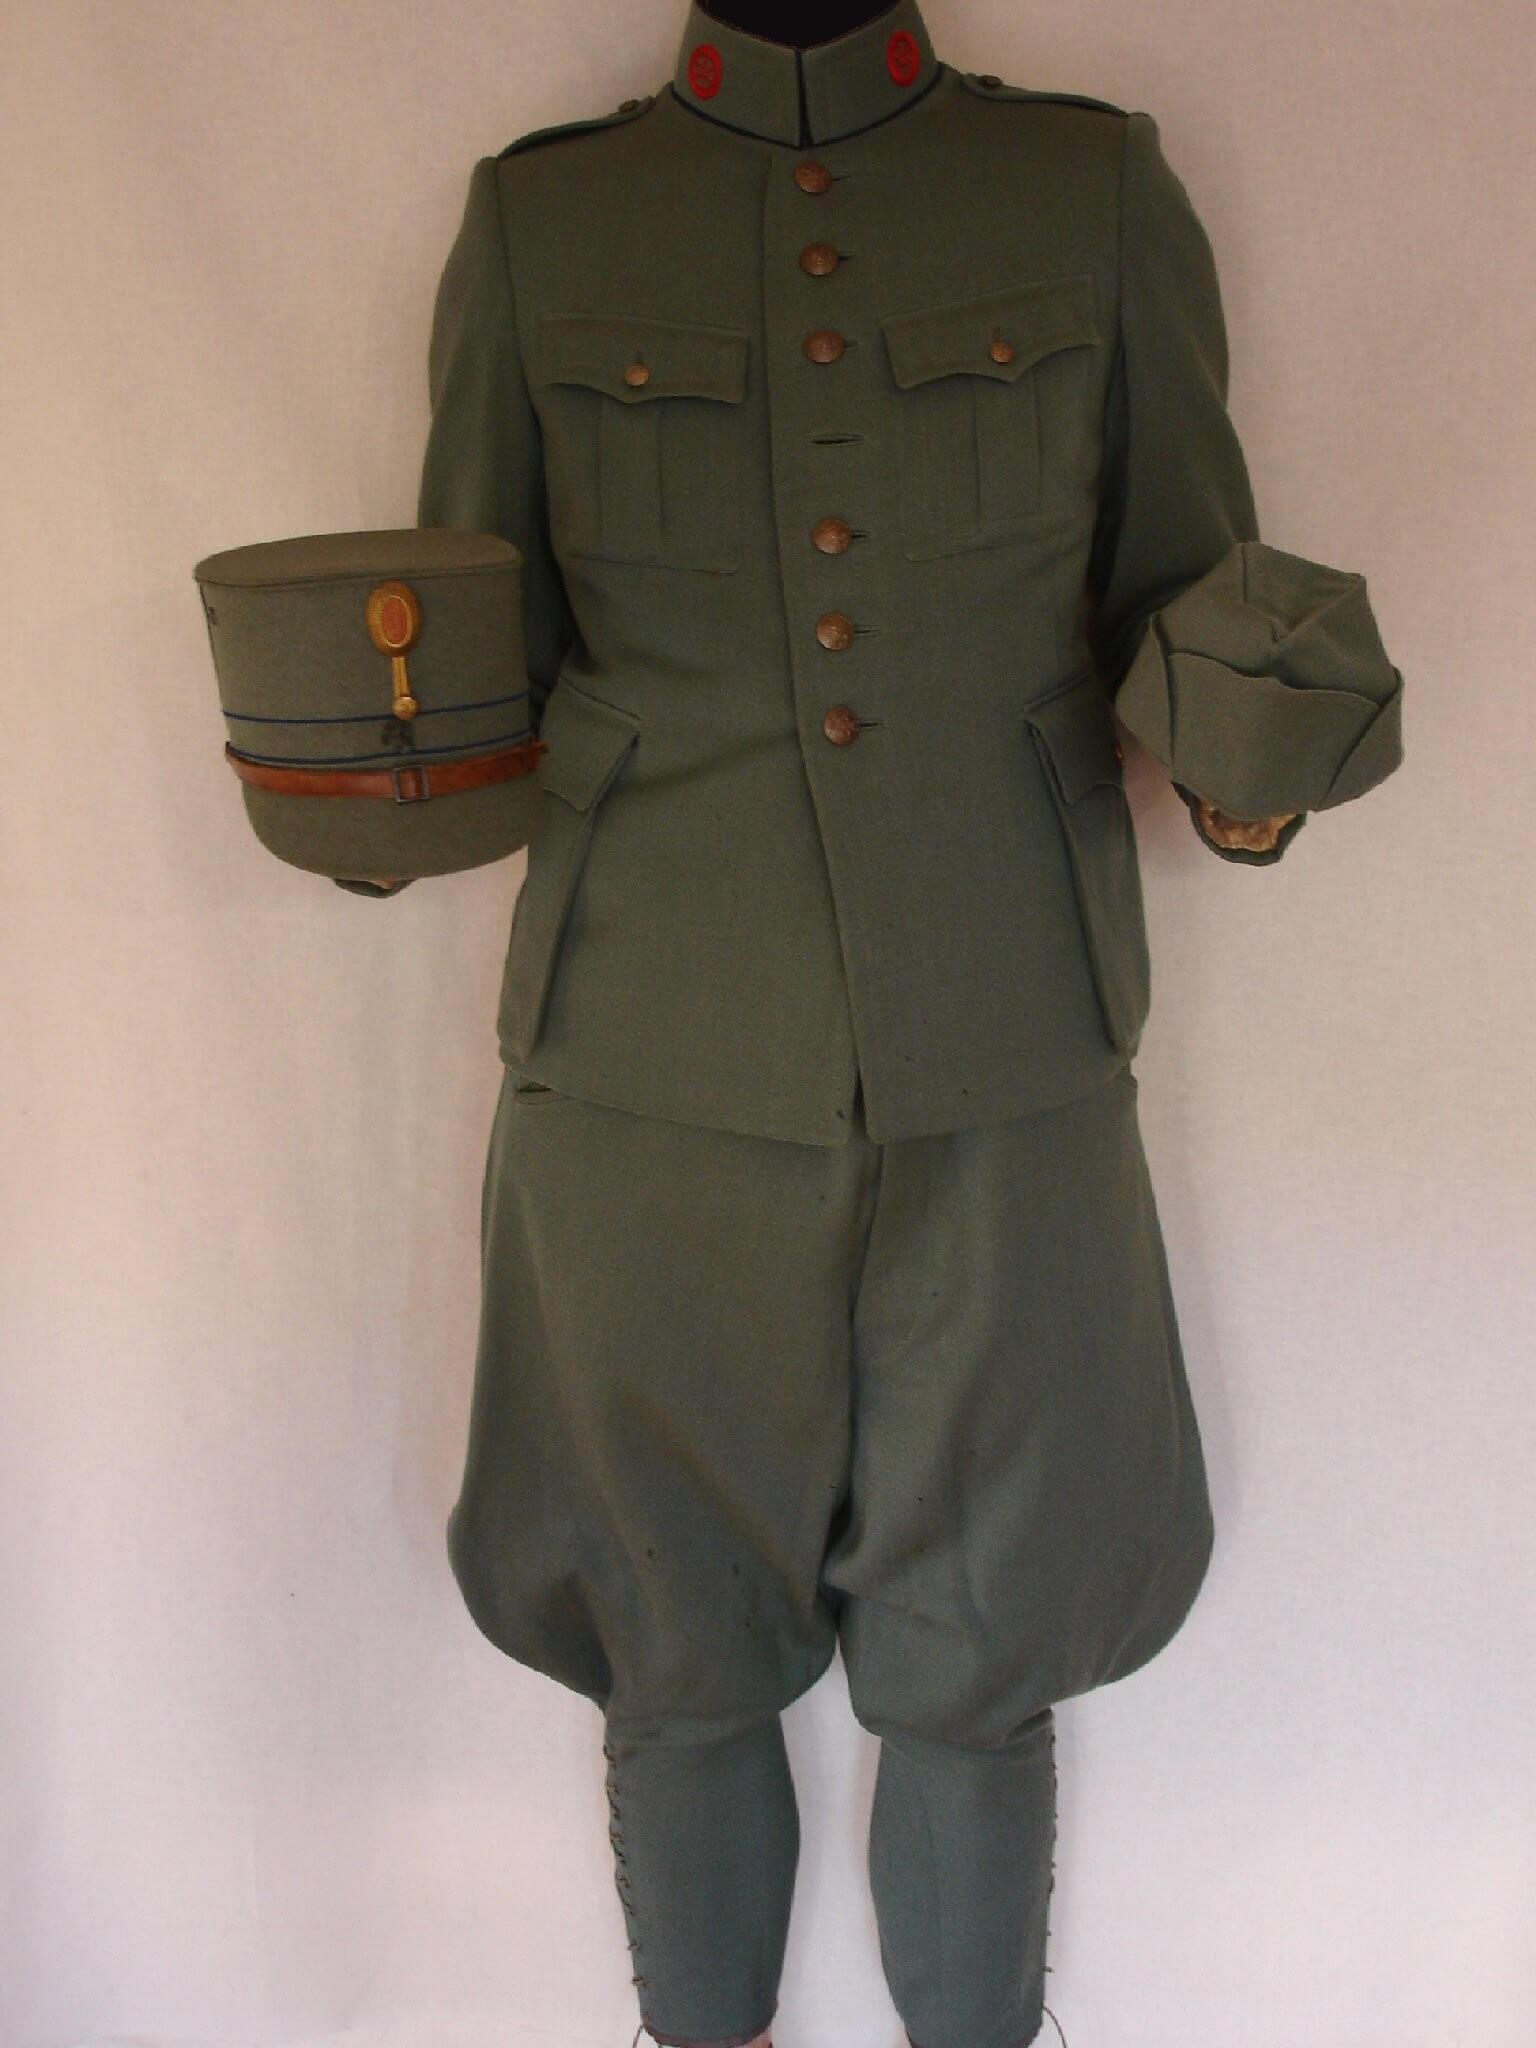 Nederlands Uniform uit De Tweede Wereldoorlog 1940 wo2 Chauffeur